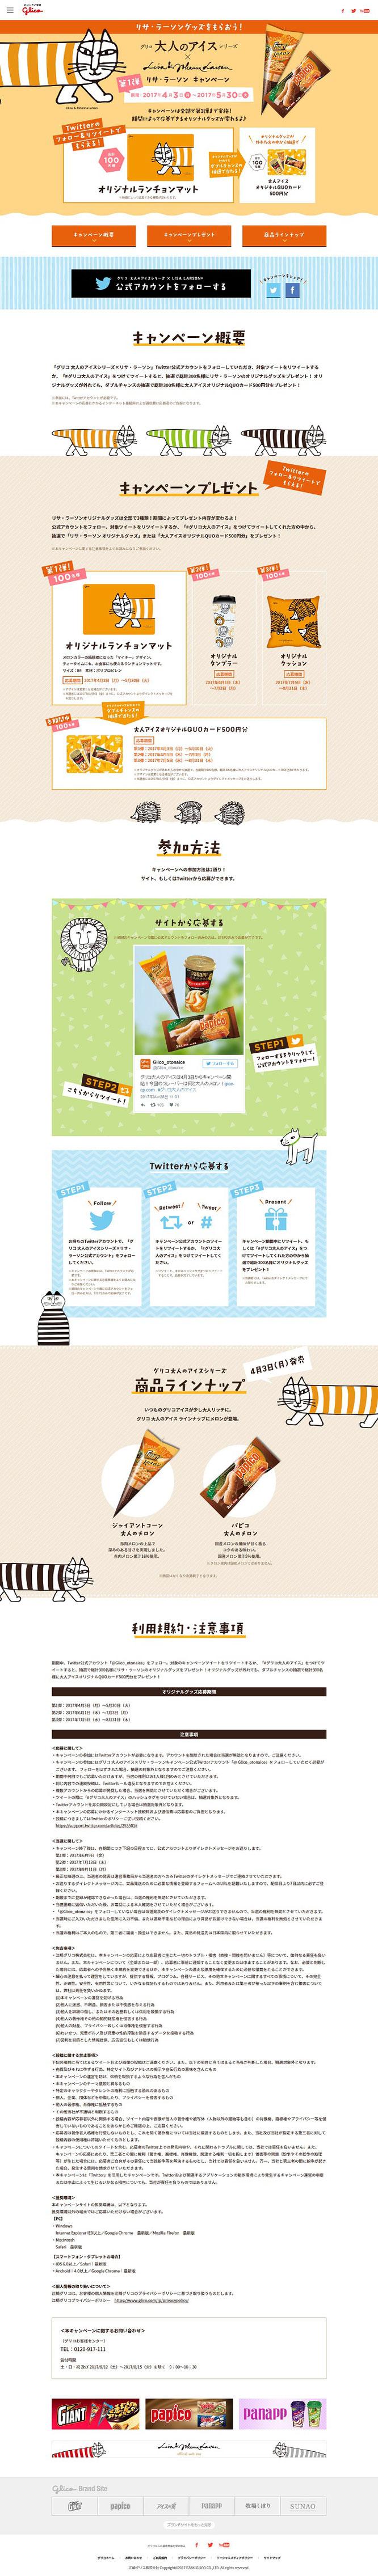 【グリコ】大人のアイスシリーズ×リサ・ラーソン キャンペーン